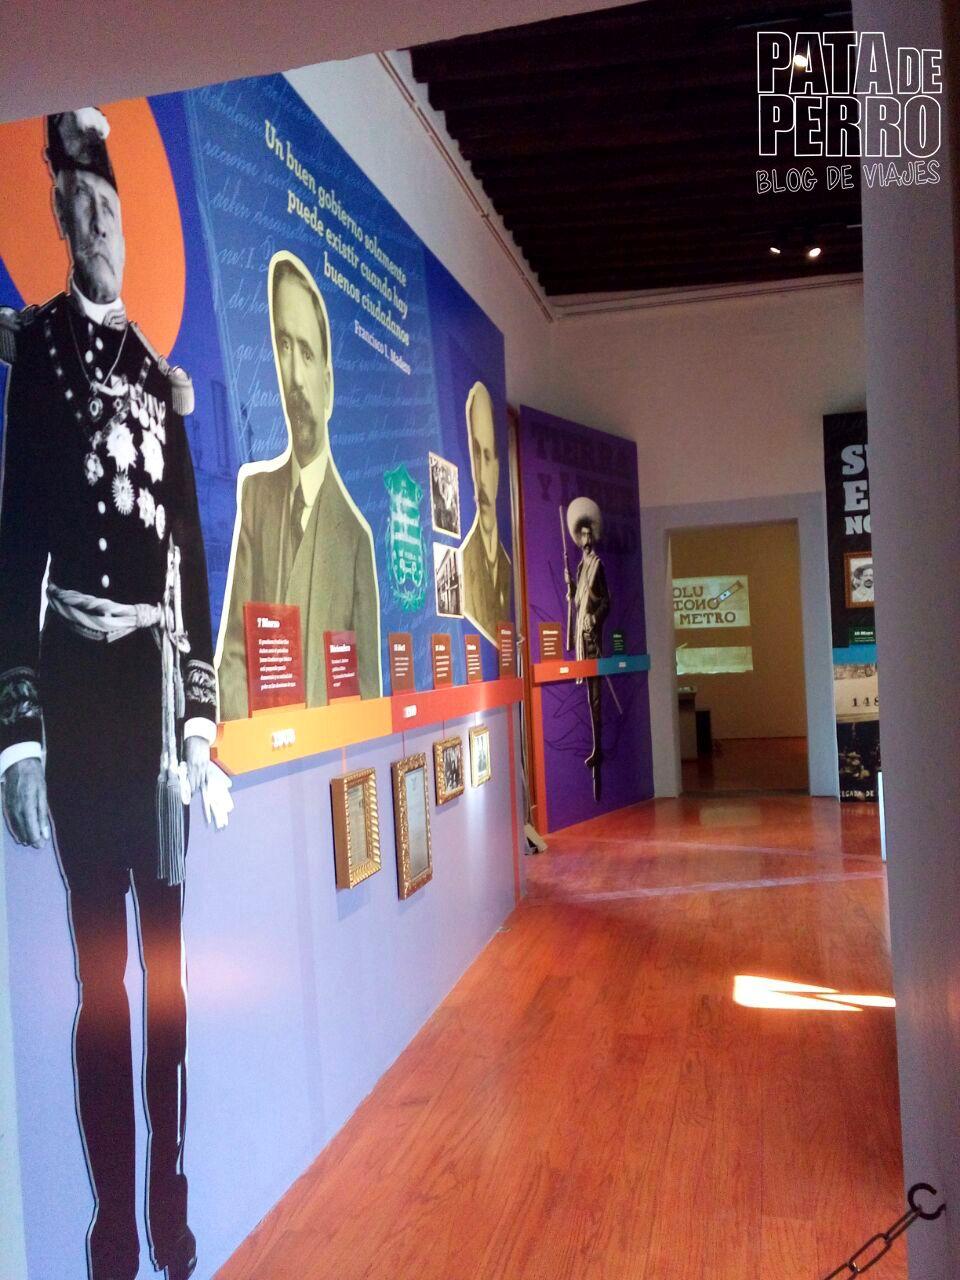 museo-regional-de-la-revolucion-mexicana-casa-de-los-hermanos-serdan-pata-de-perro-blog-de-viajes29